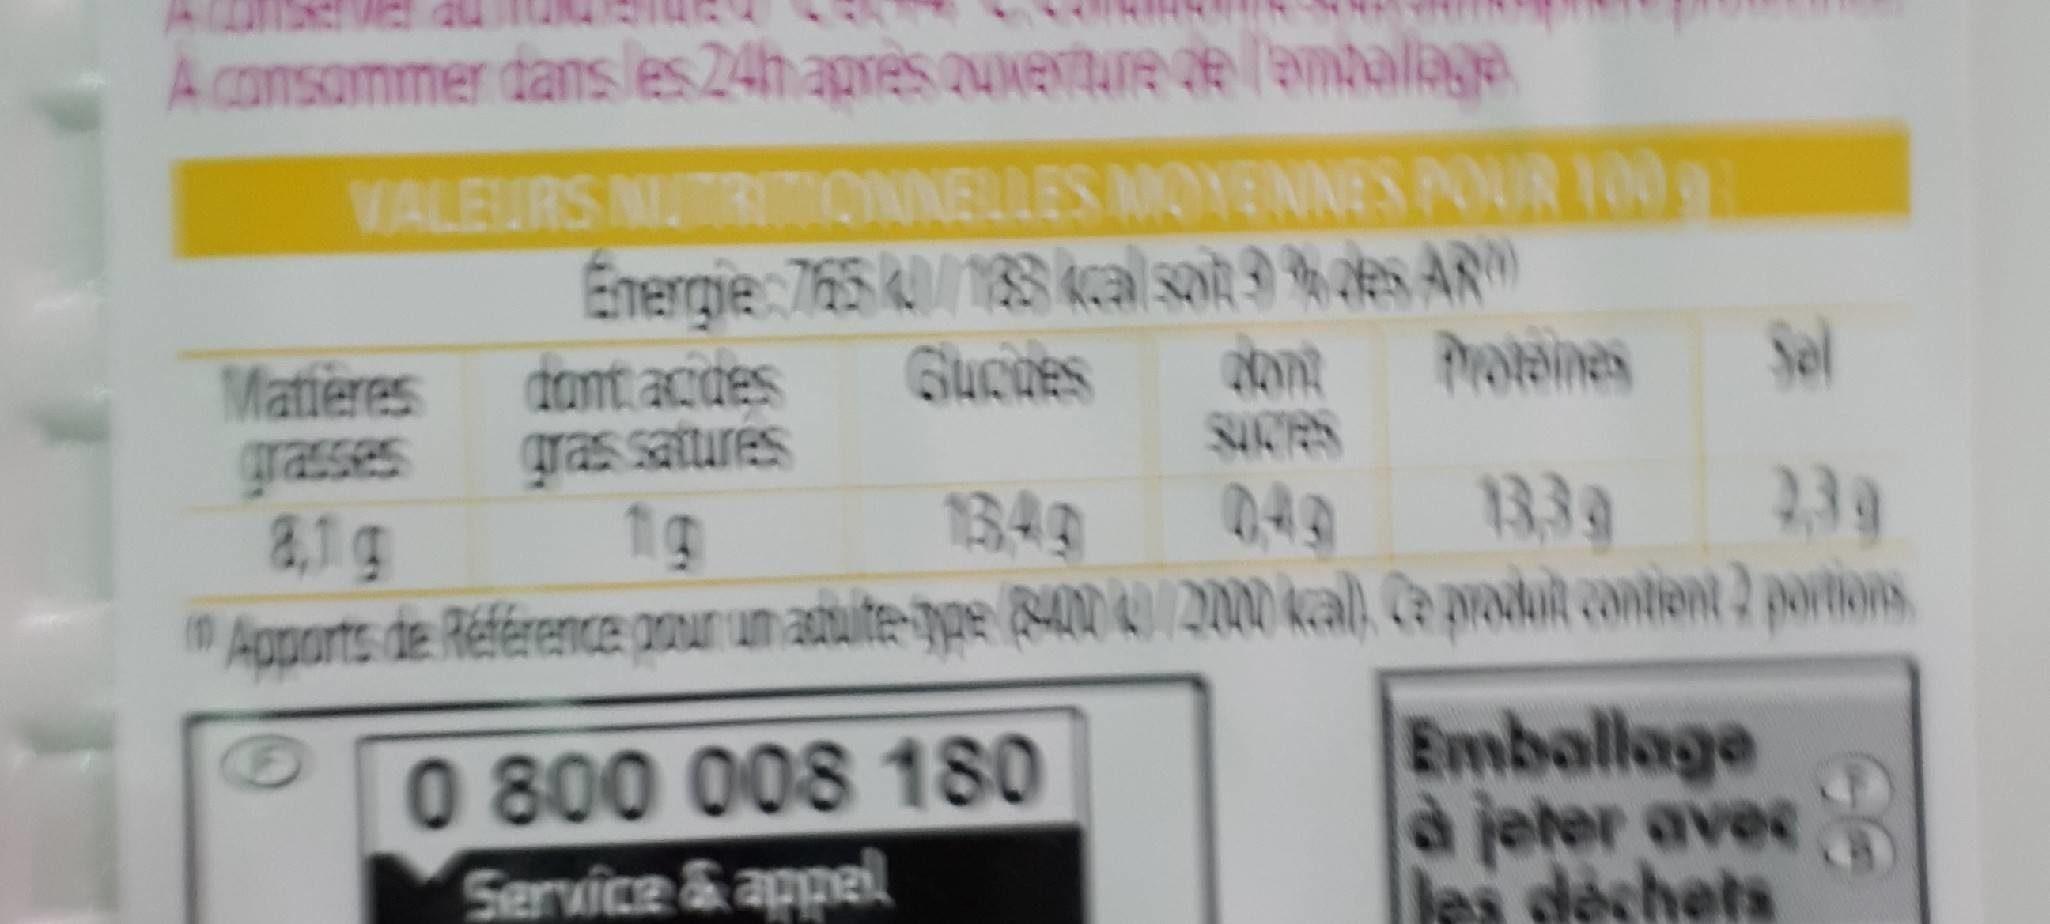 Les Cuisinés, Acras de morue Créole, prêt à réchauffer, la barquette de 200 g - Nutrition facts